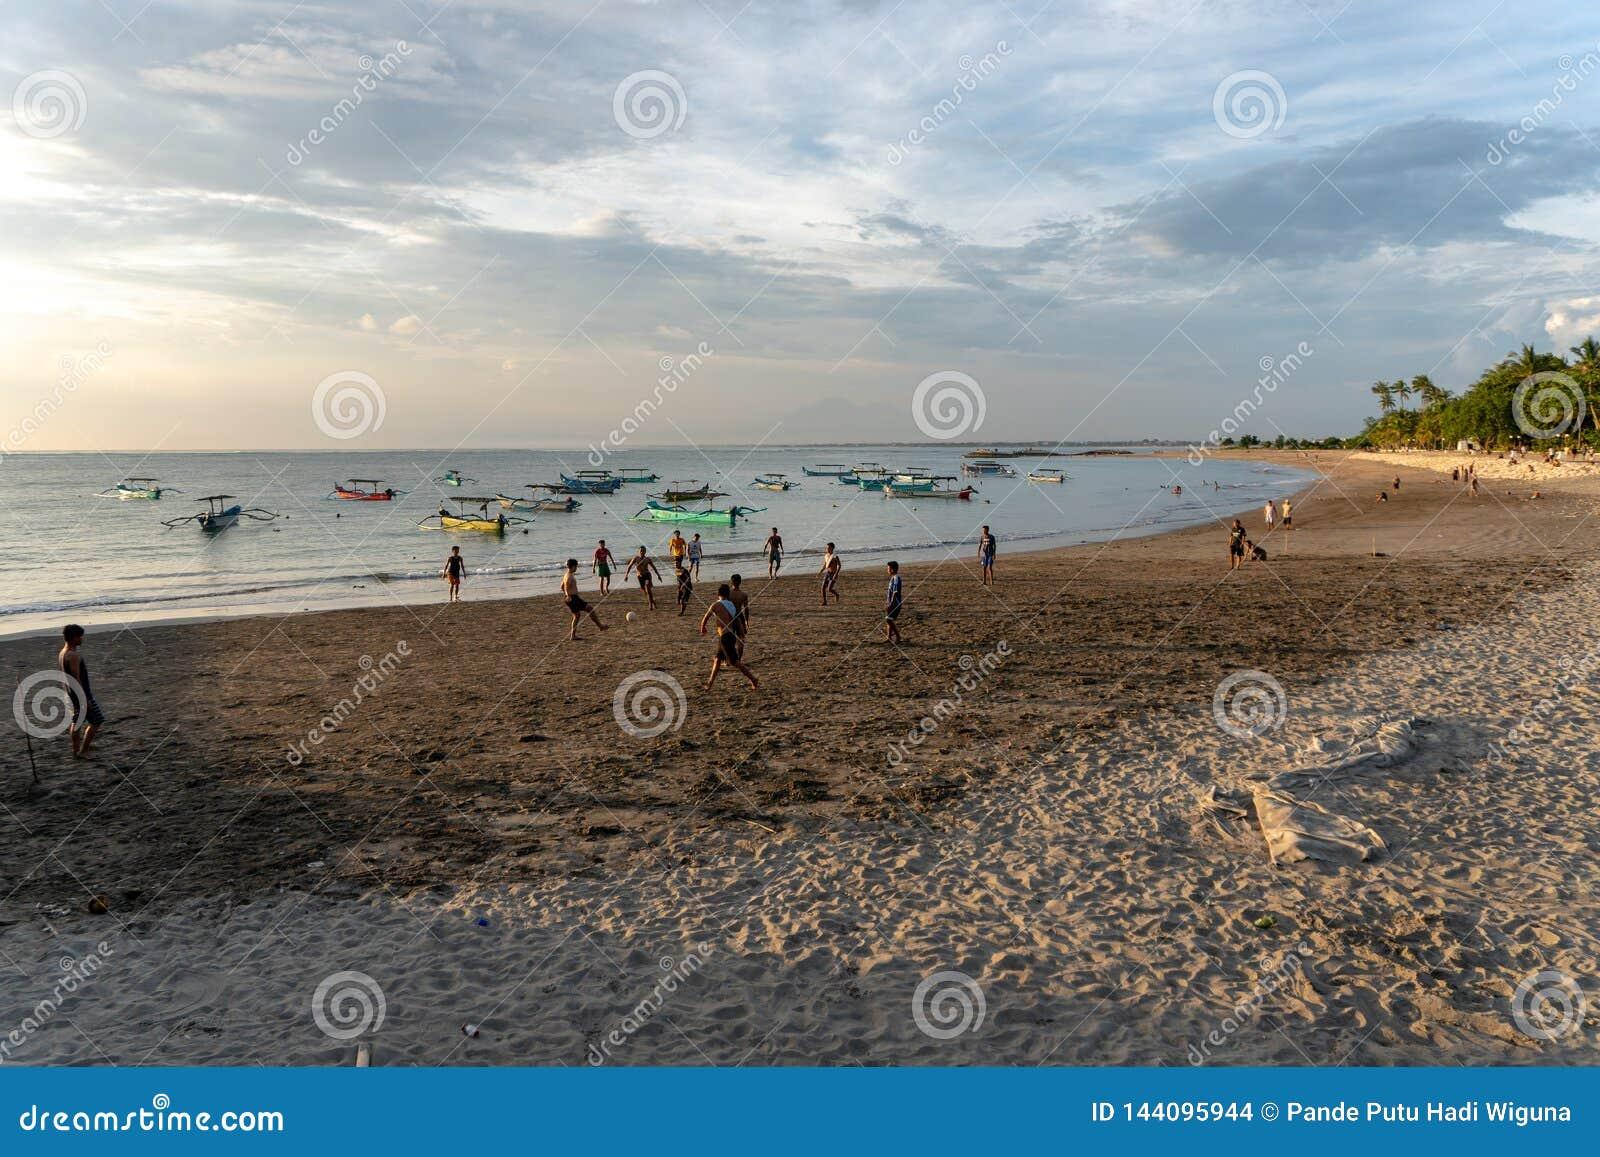 BADUNG, 02 BALI/INDONESIA-APRIL 2019: Het de Aziatische voetbal of voetbal van het Tienerspel bij het strand met zonsondergang of